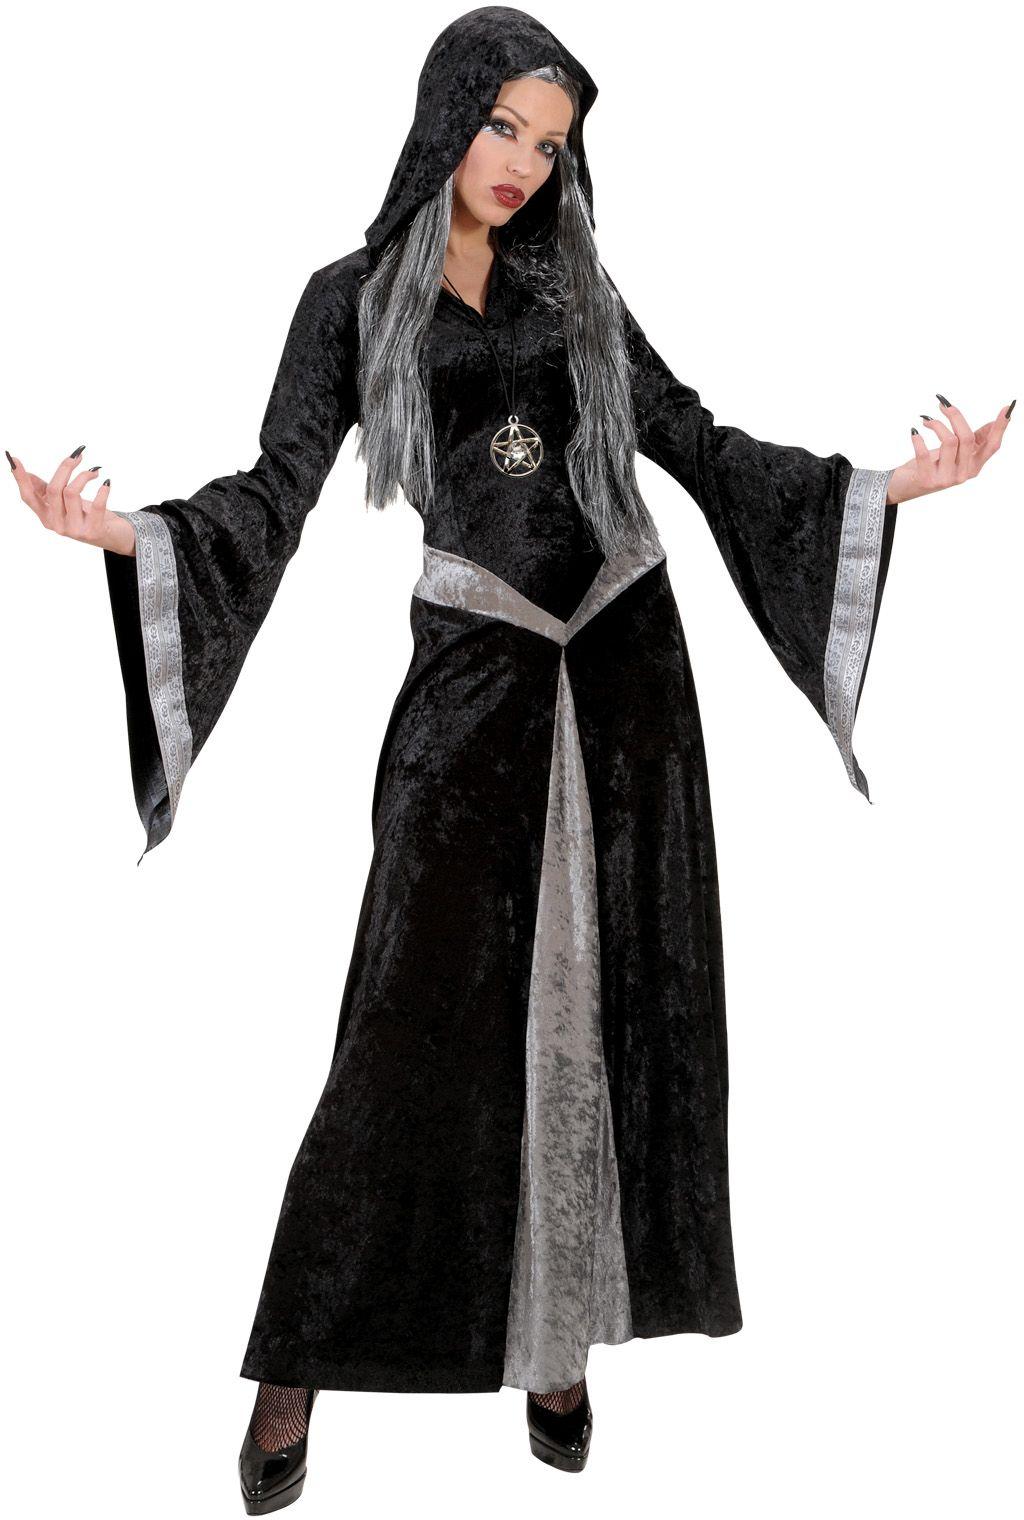 Tovenares kostuum